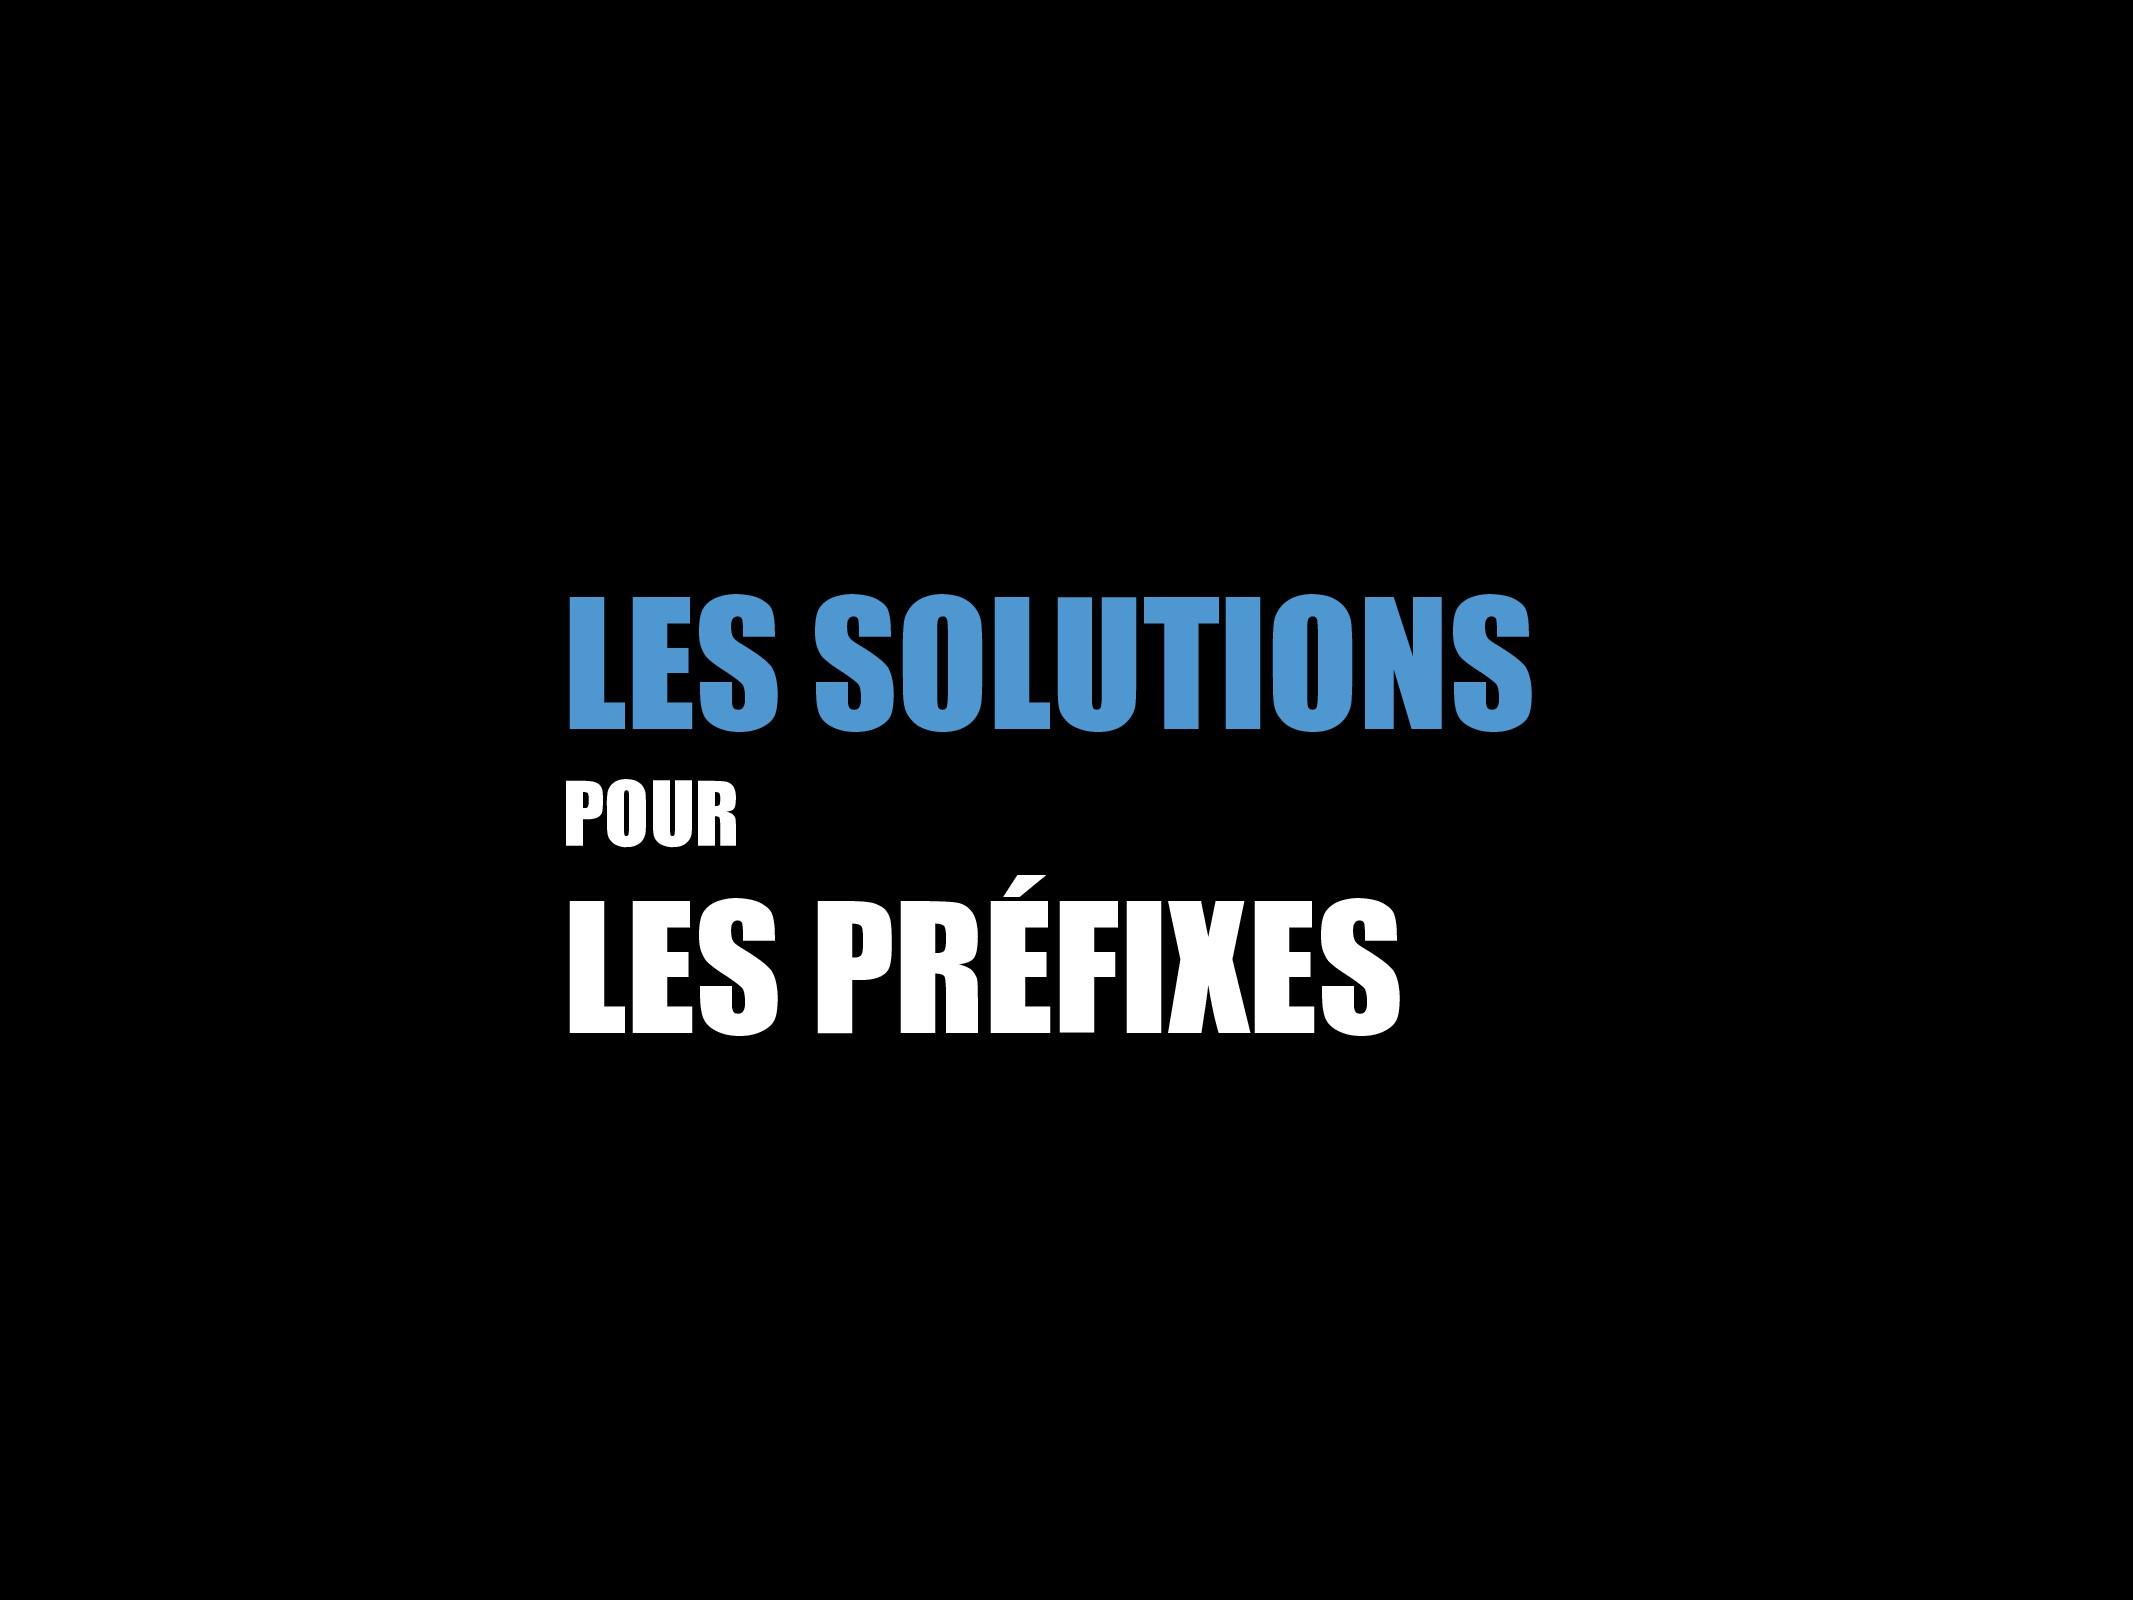 LES SOLUTIONS POUR LES PRÉFIXES